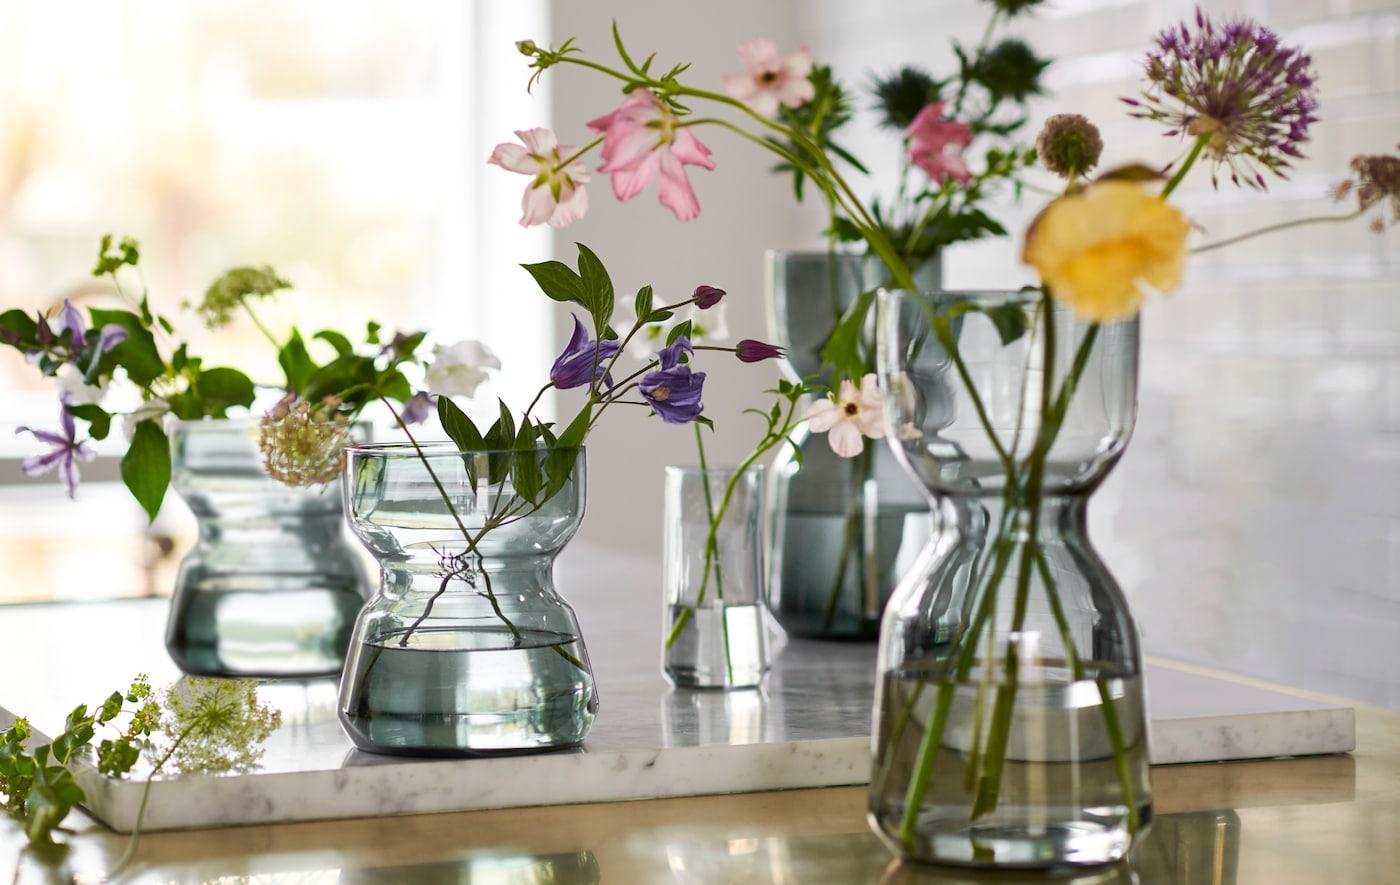 Plusieurs vases en verre OMTÄNKSAM, aux courbes caractéristiques pour faciliter la prise en main, sur un plan de travail, remplis de fleurs fraîchement coupées.